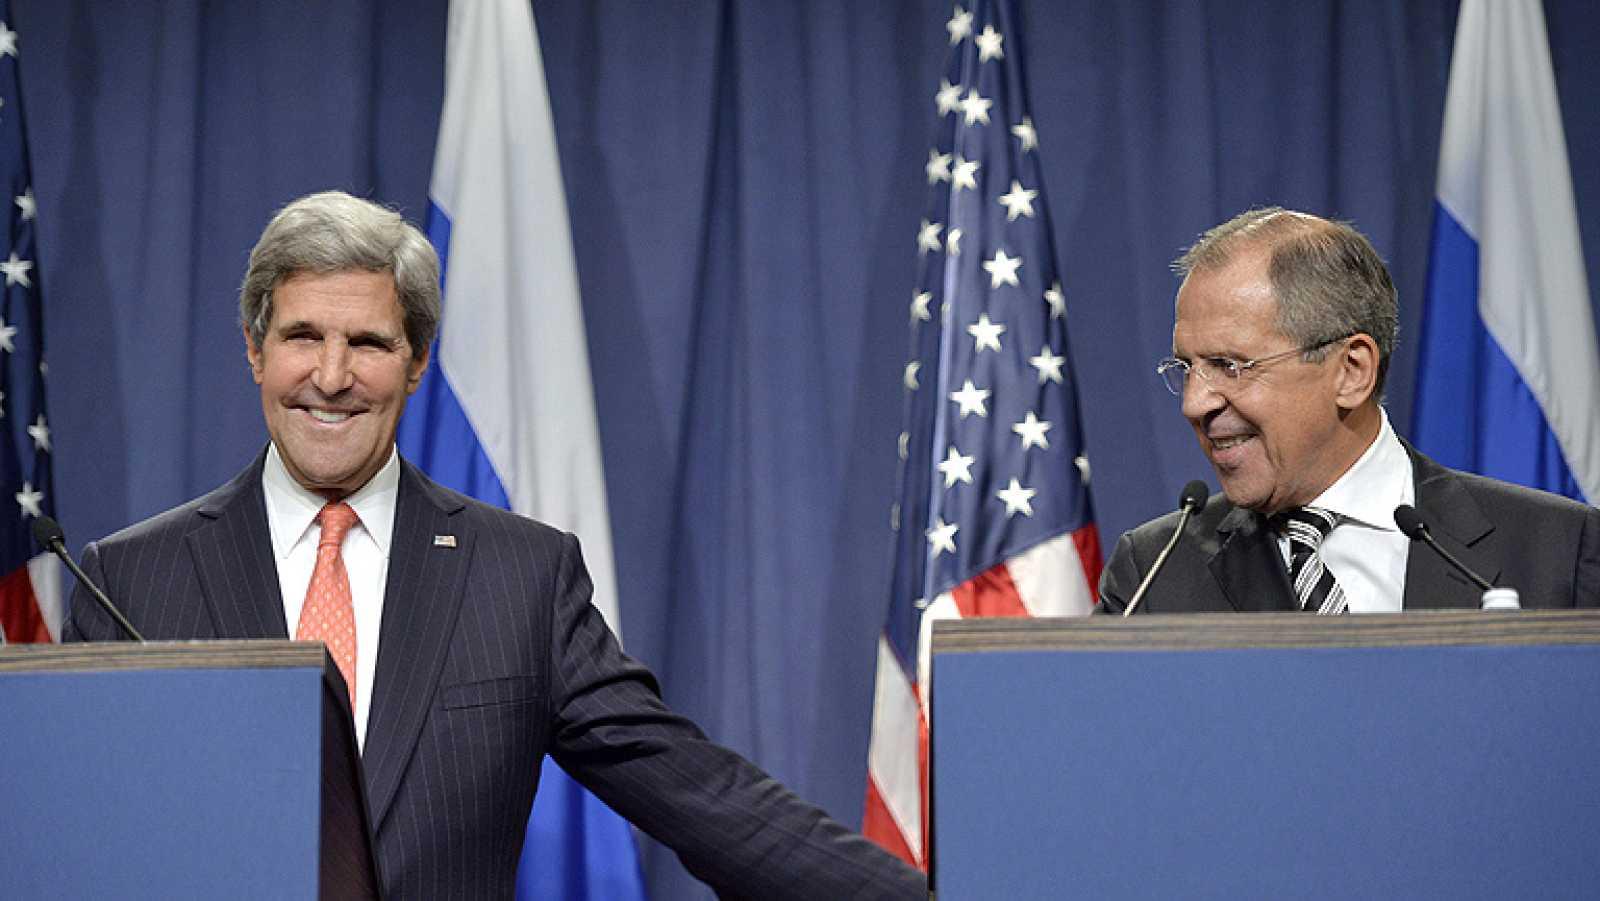 Siria tiene siete días para entregar información sobre su arsenal de armas químicas para evitar un ataque